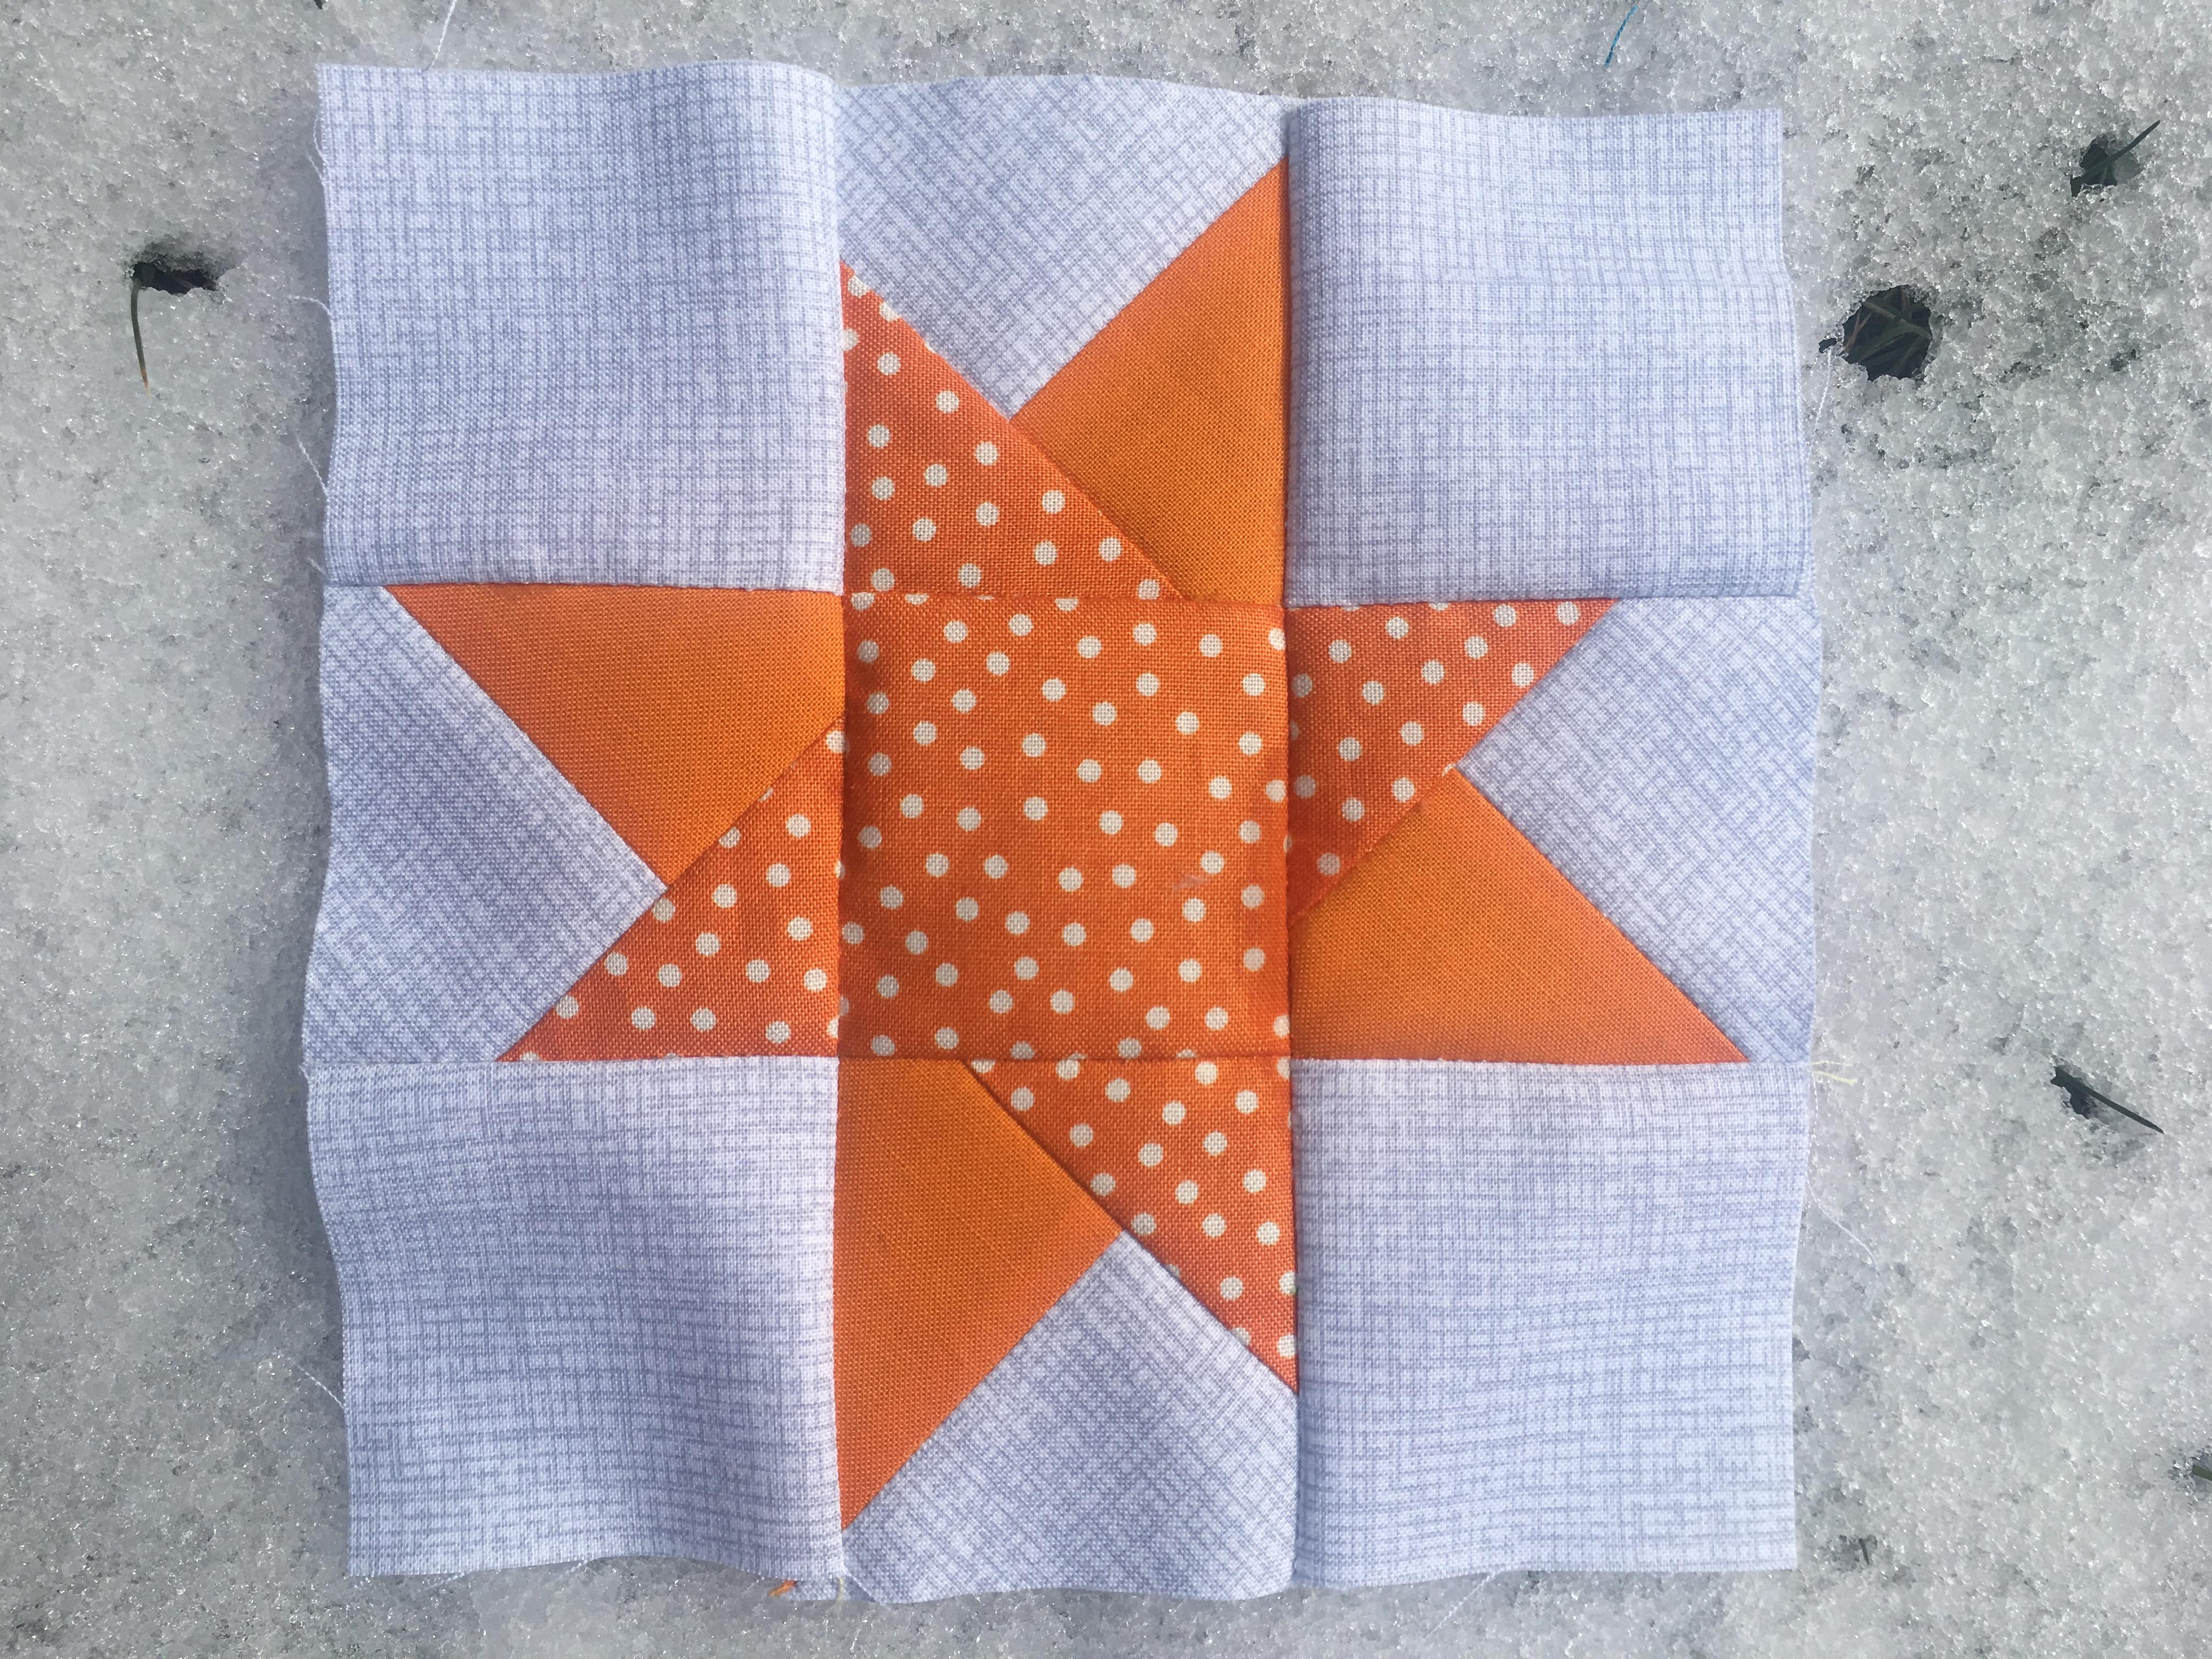 2018-03-30 Wonky Star orange